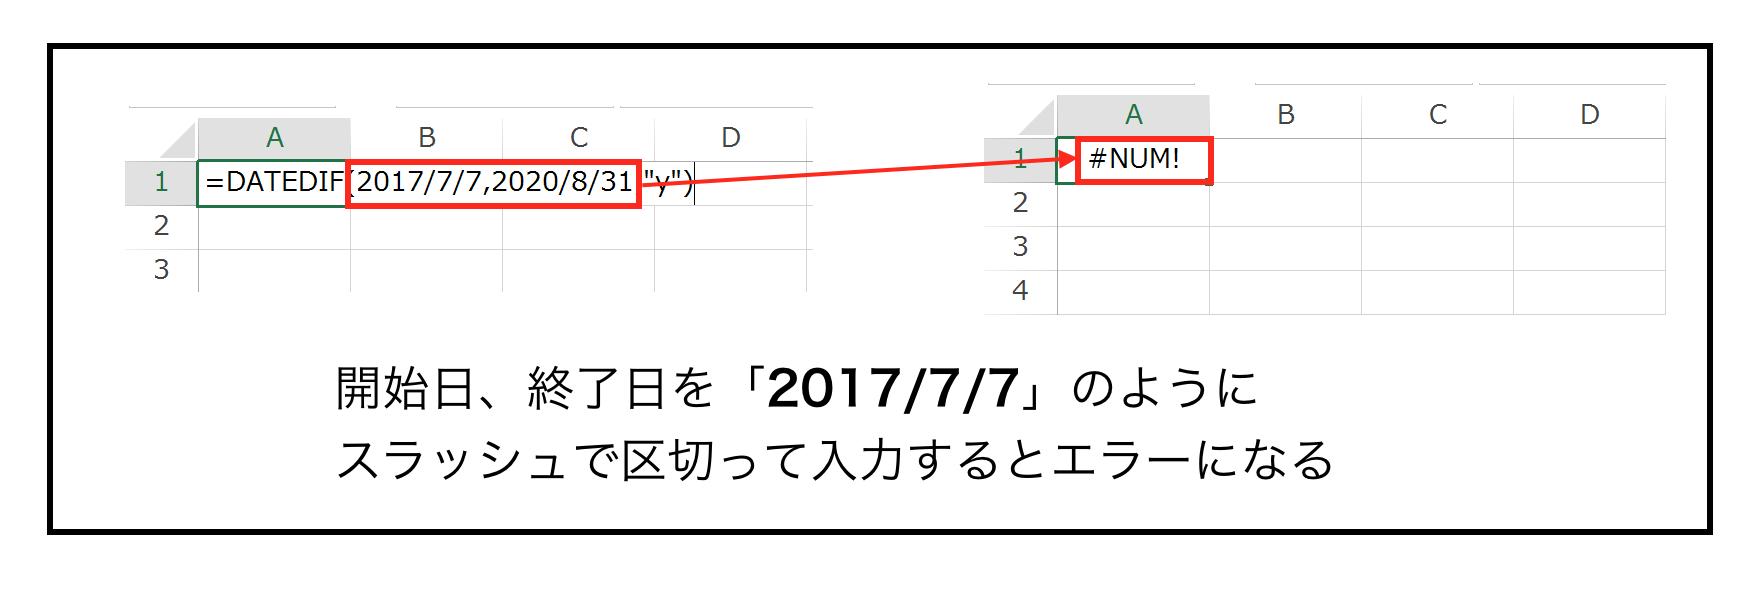 スクリーンショット 2017 07 08 11 56 31